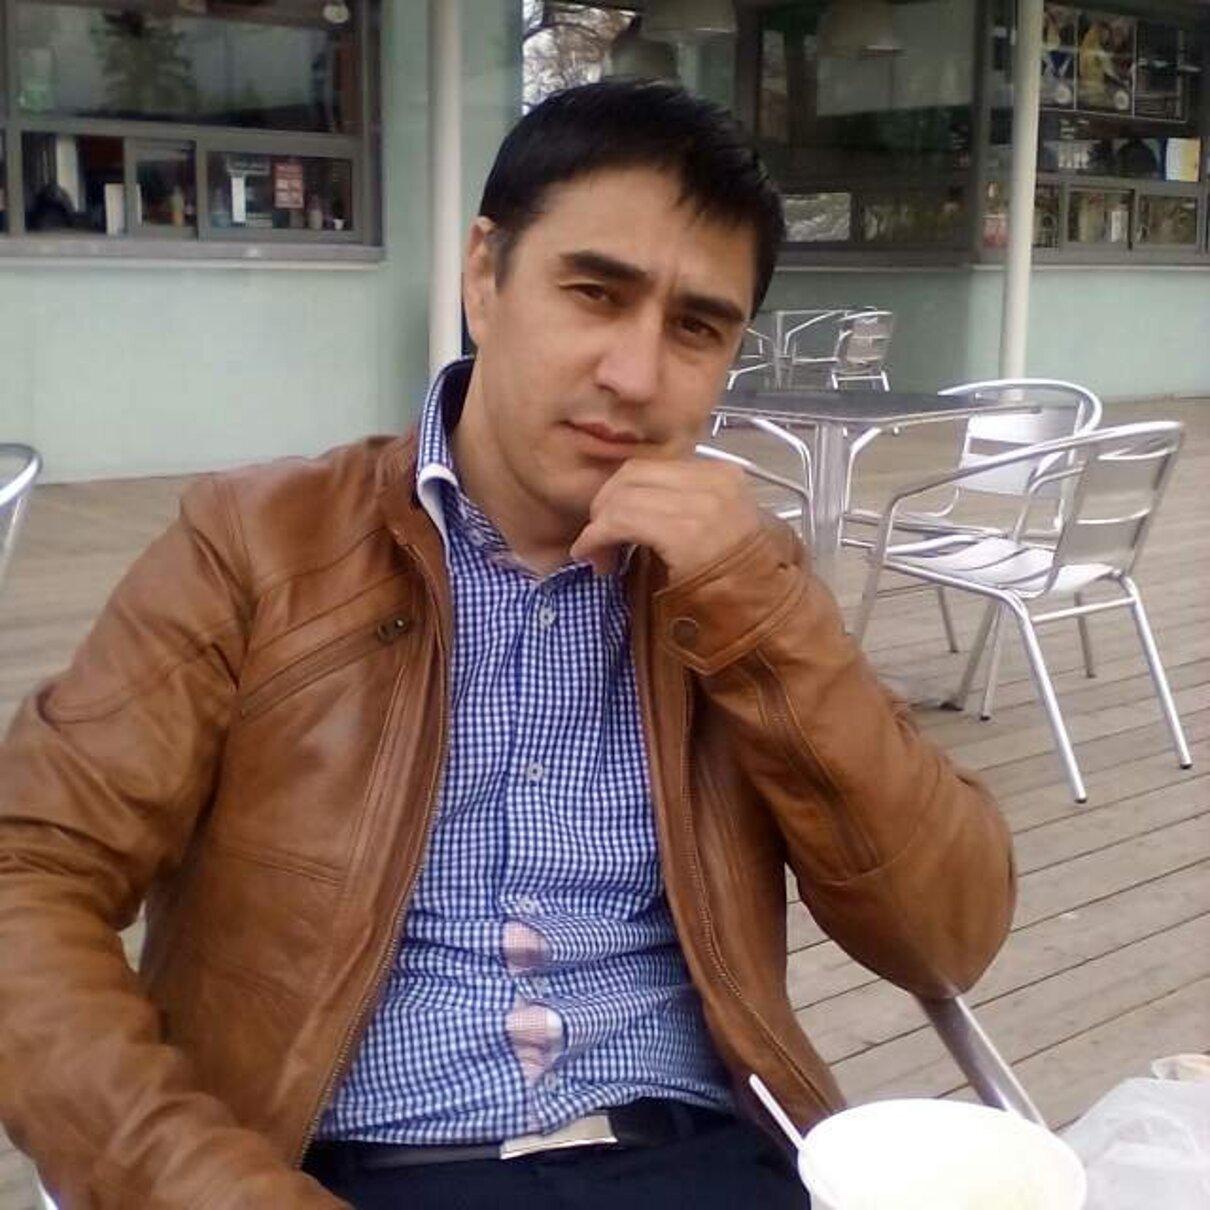 Жалоба-отзыв: Акрам - После ремонта квартиры смылся с ключами, оставив разбитую ванну.  Фото №1